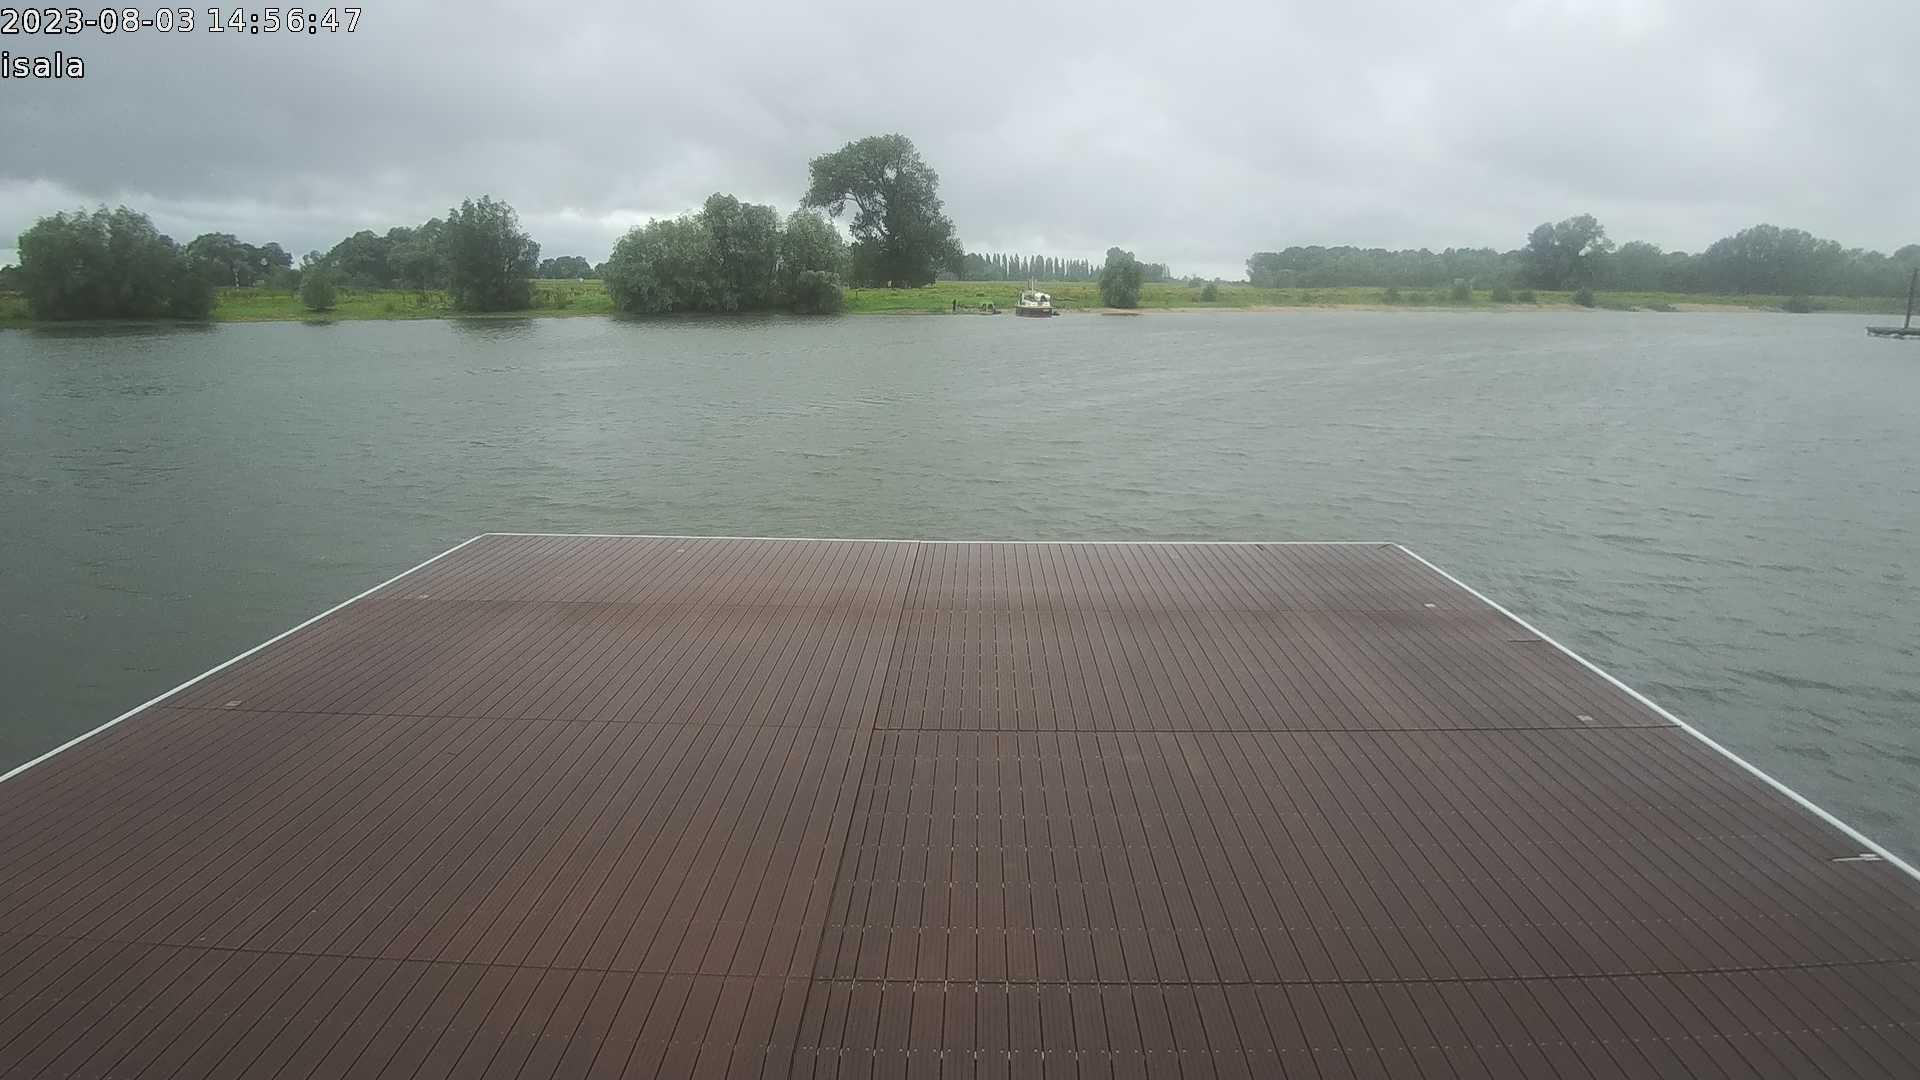 Isala webcam is nu niet bereikbaar